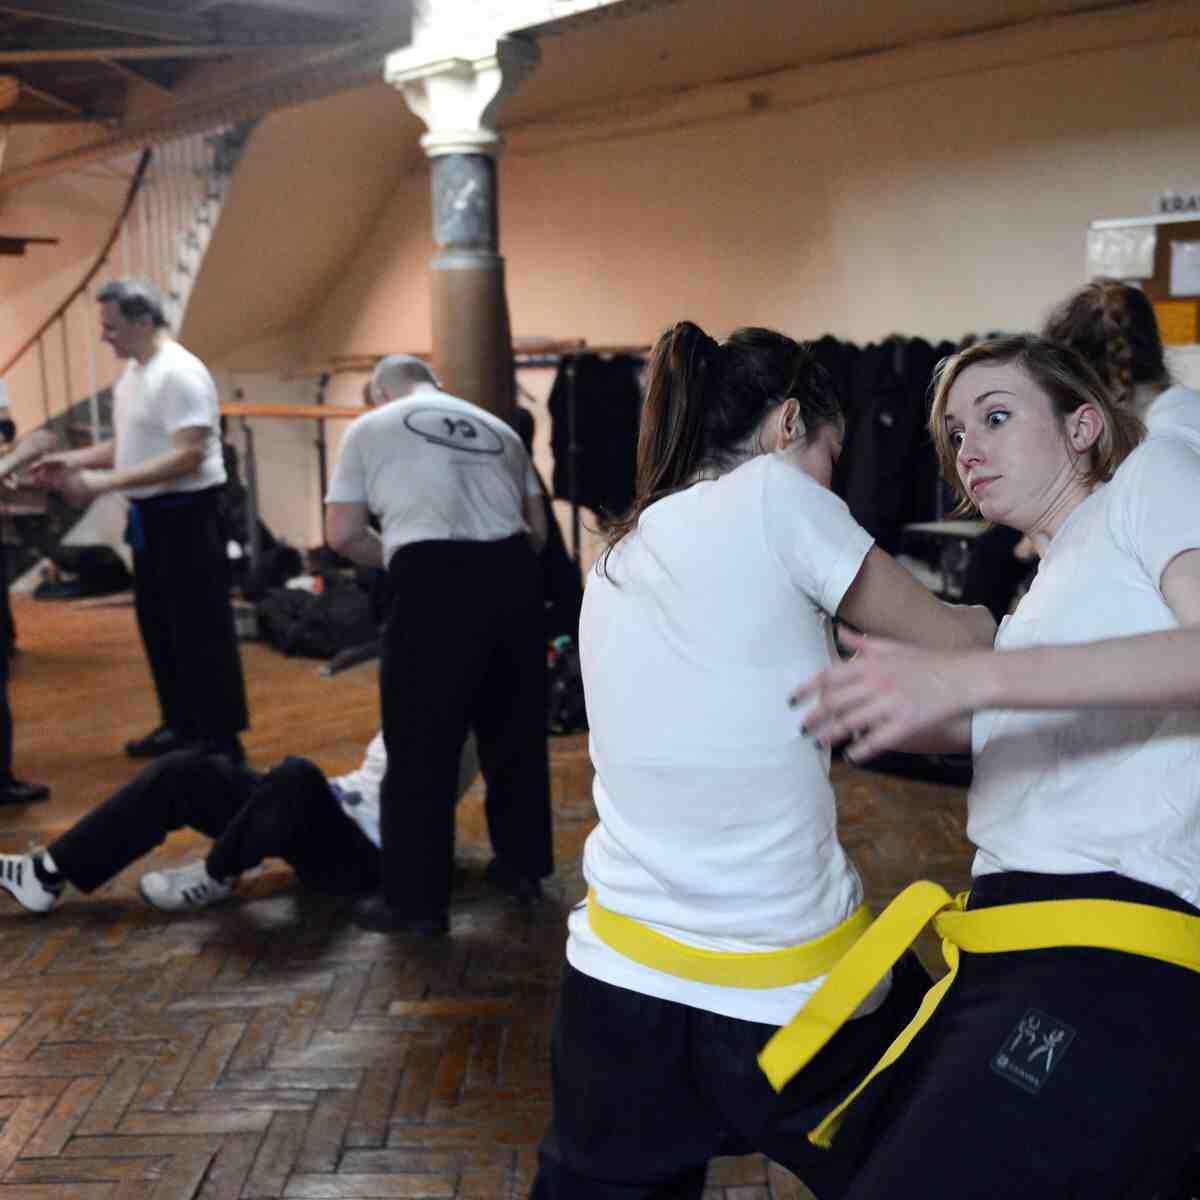 Quel est le meilleur art martial pour la légitime défense?